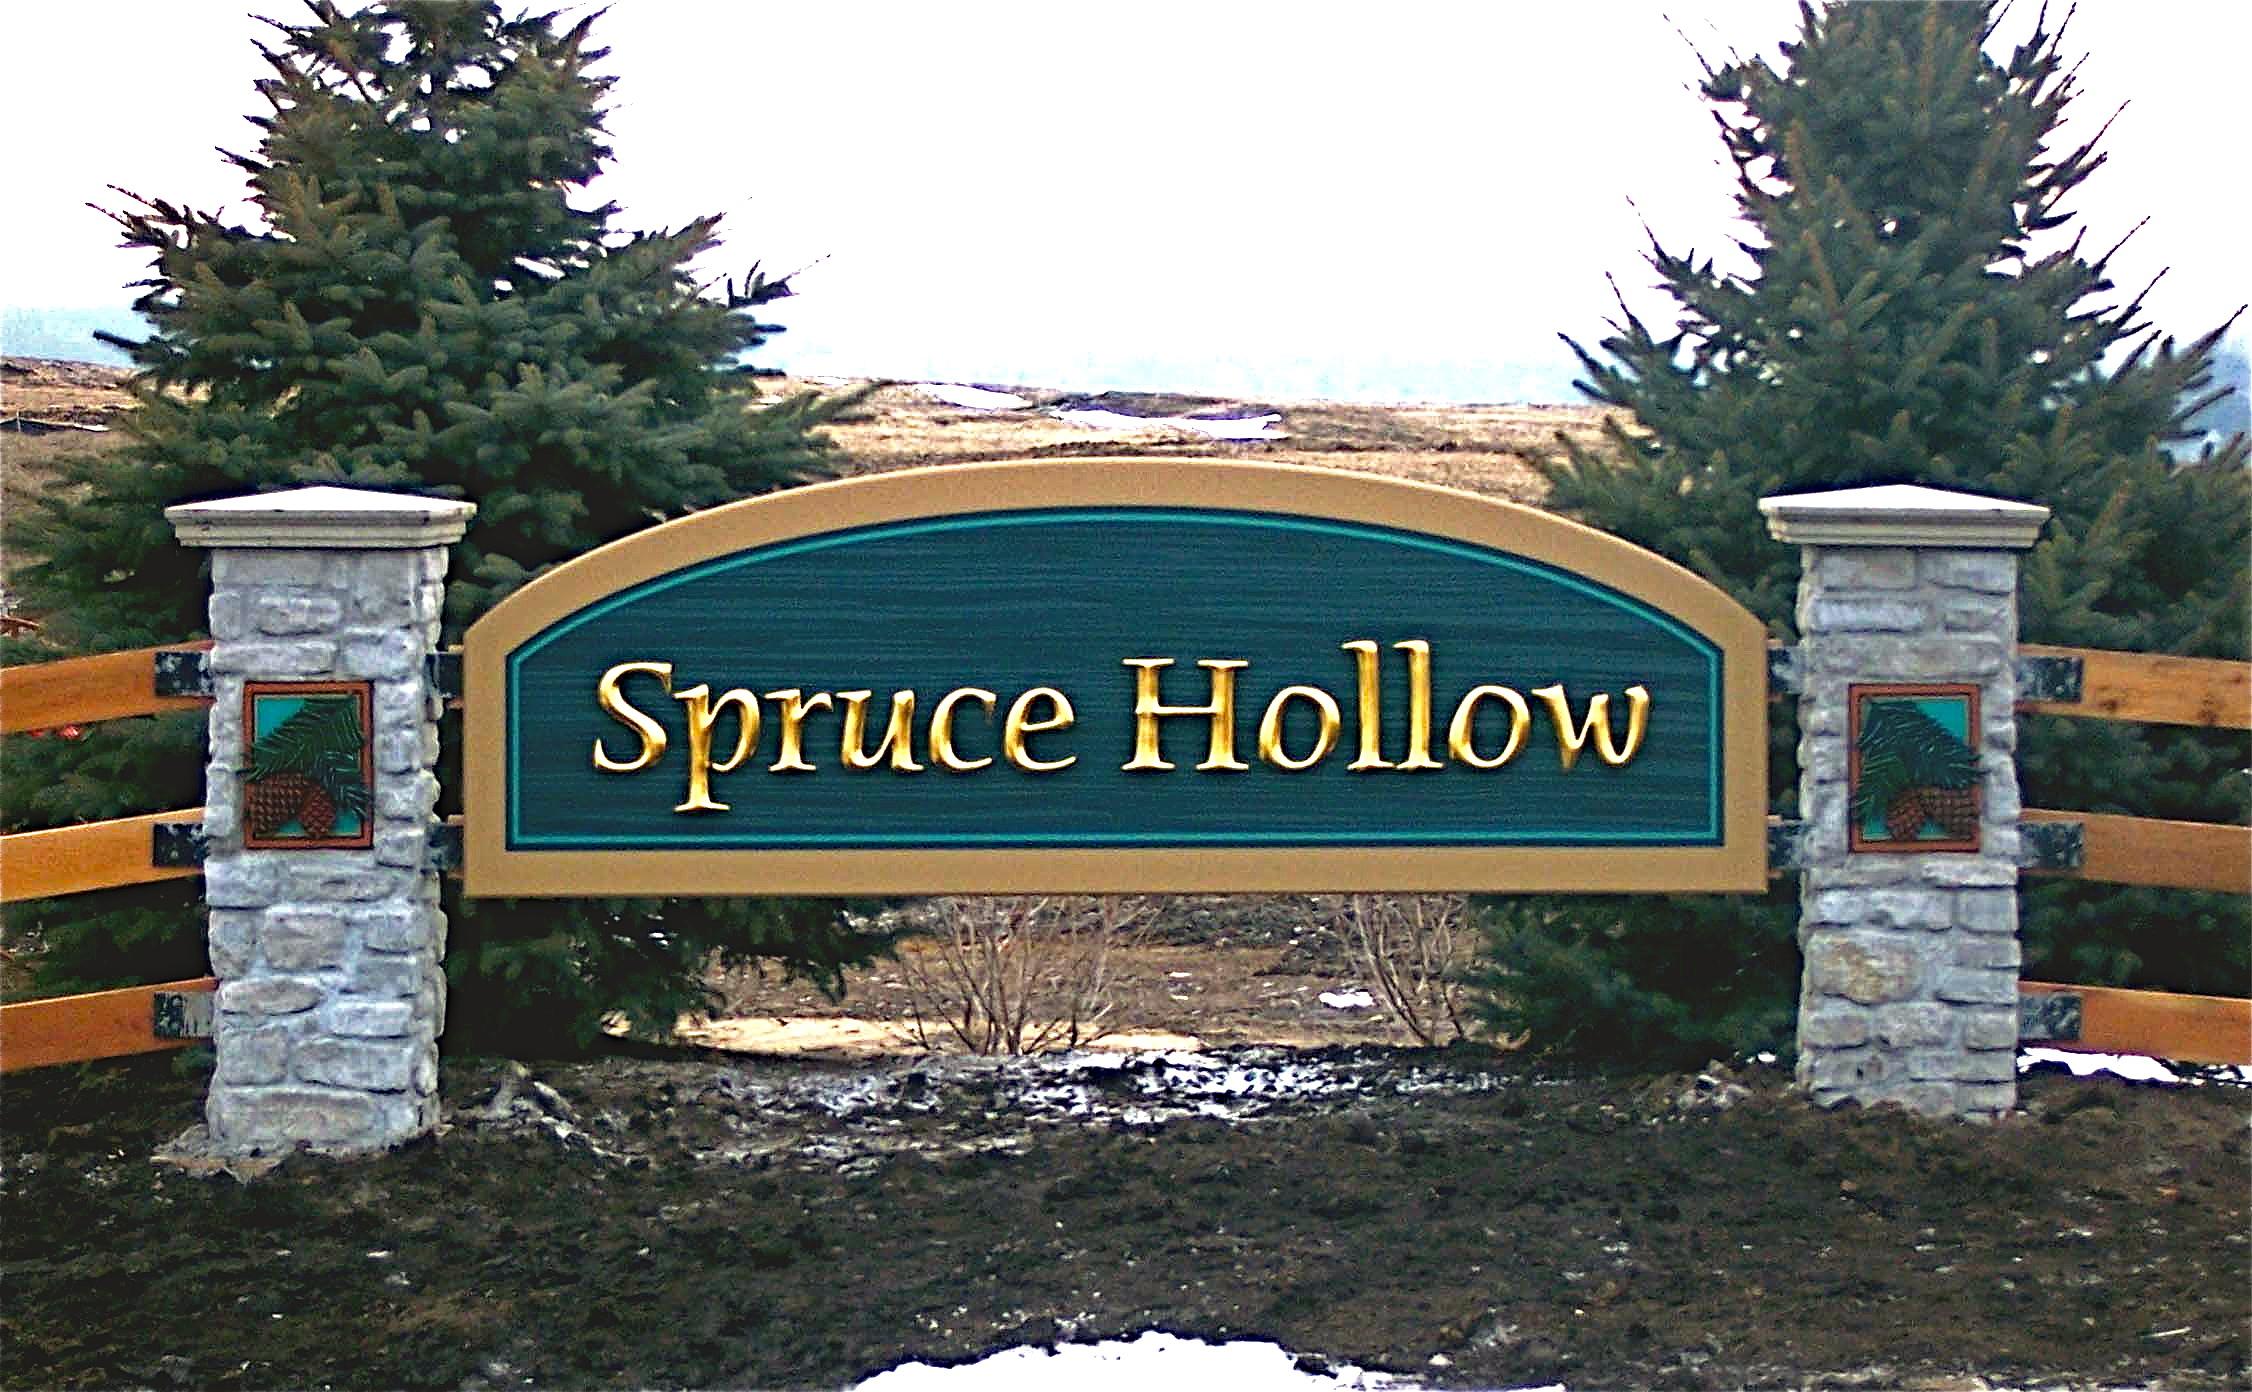 Neighborhood_spruce_hollow.JPG